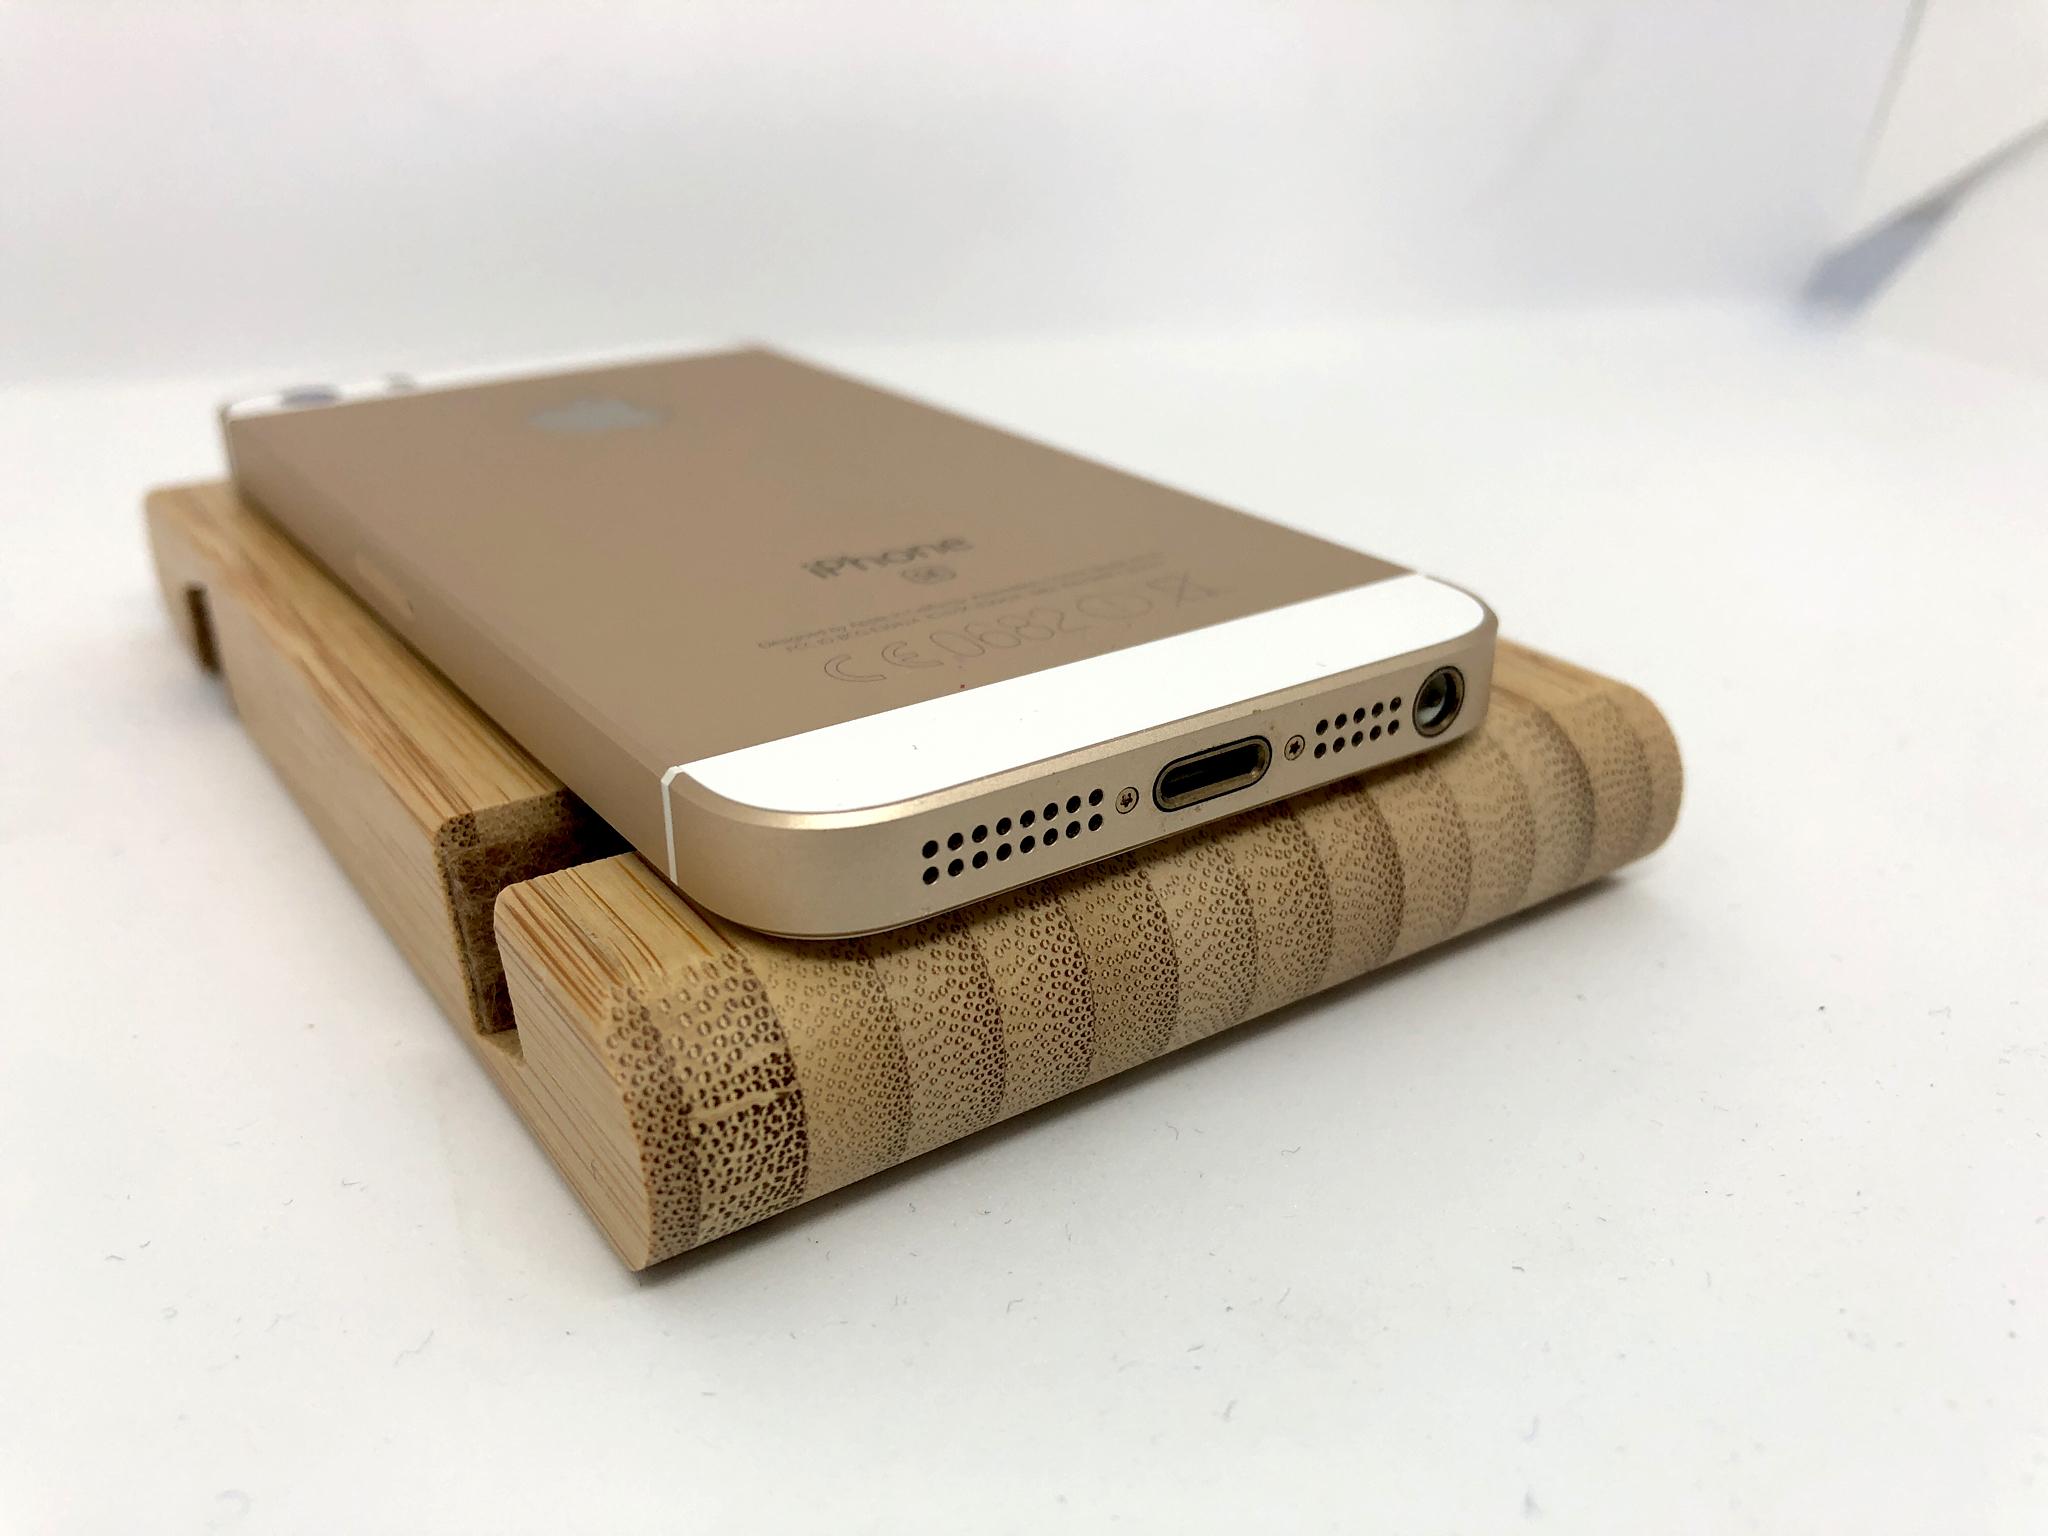 iPhone SE 16GB, 16 GB, Gold, bild 4